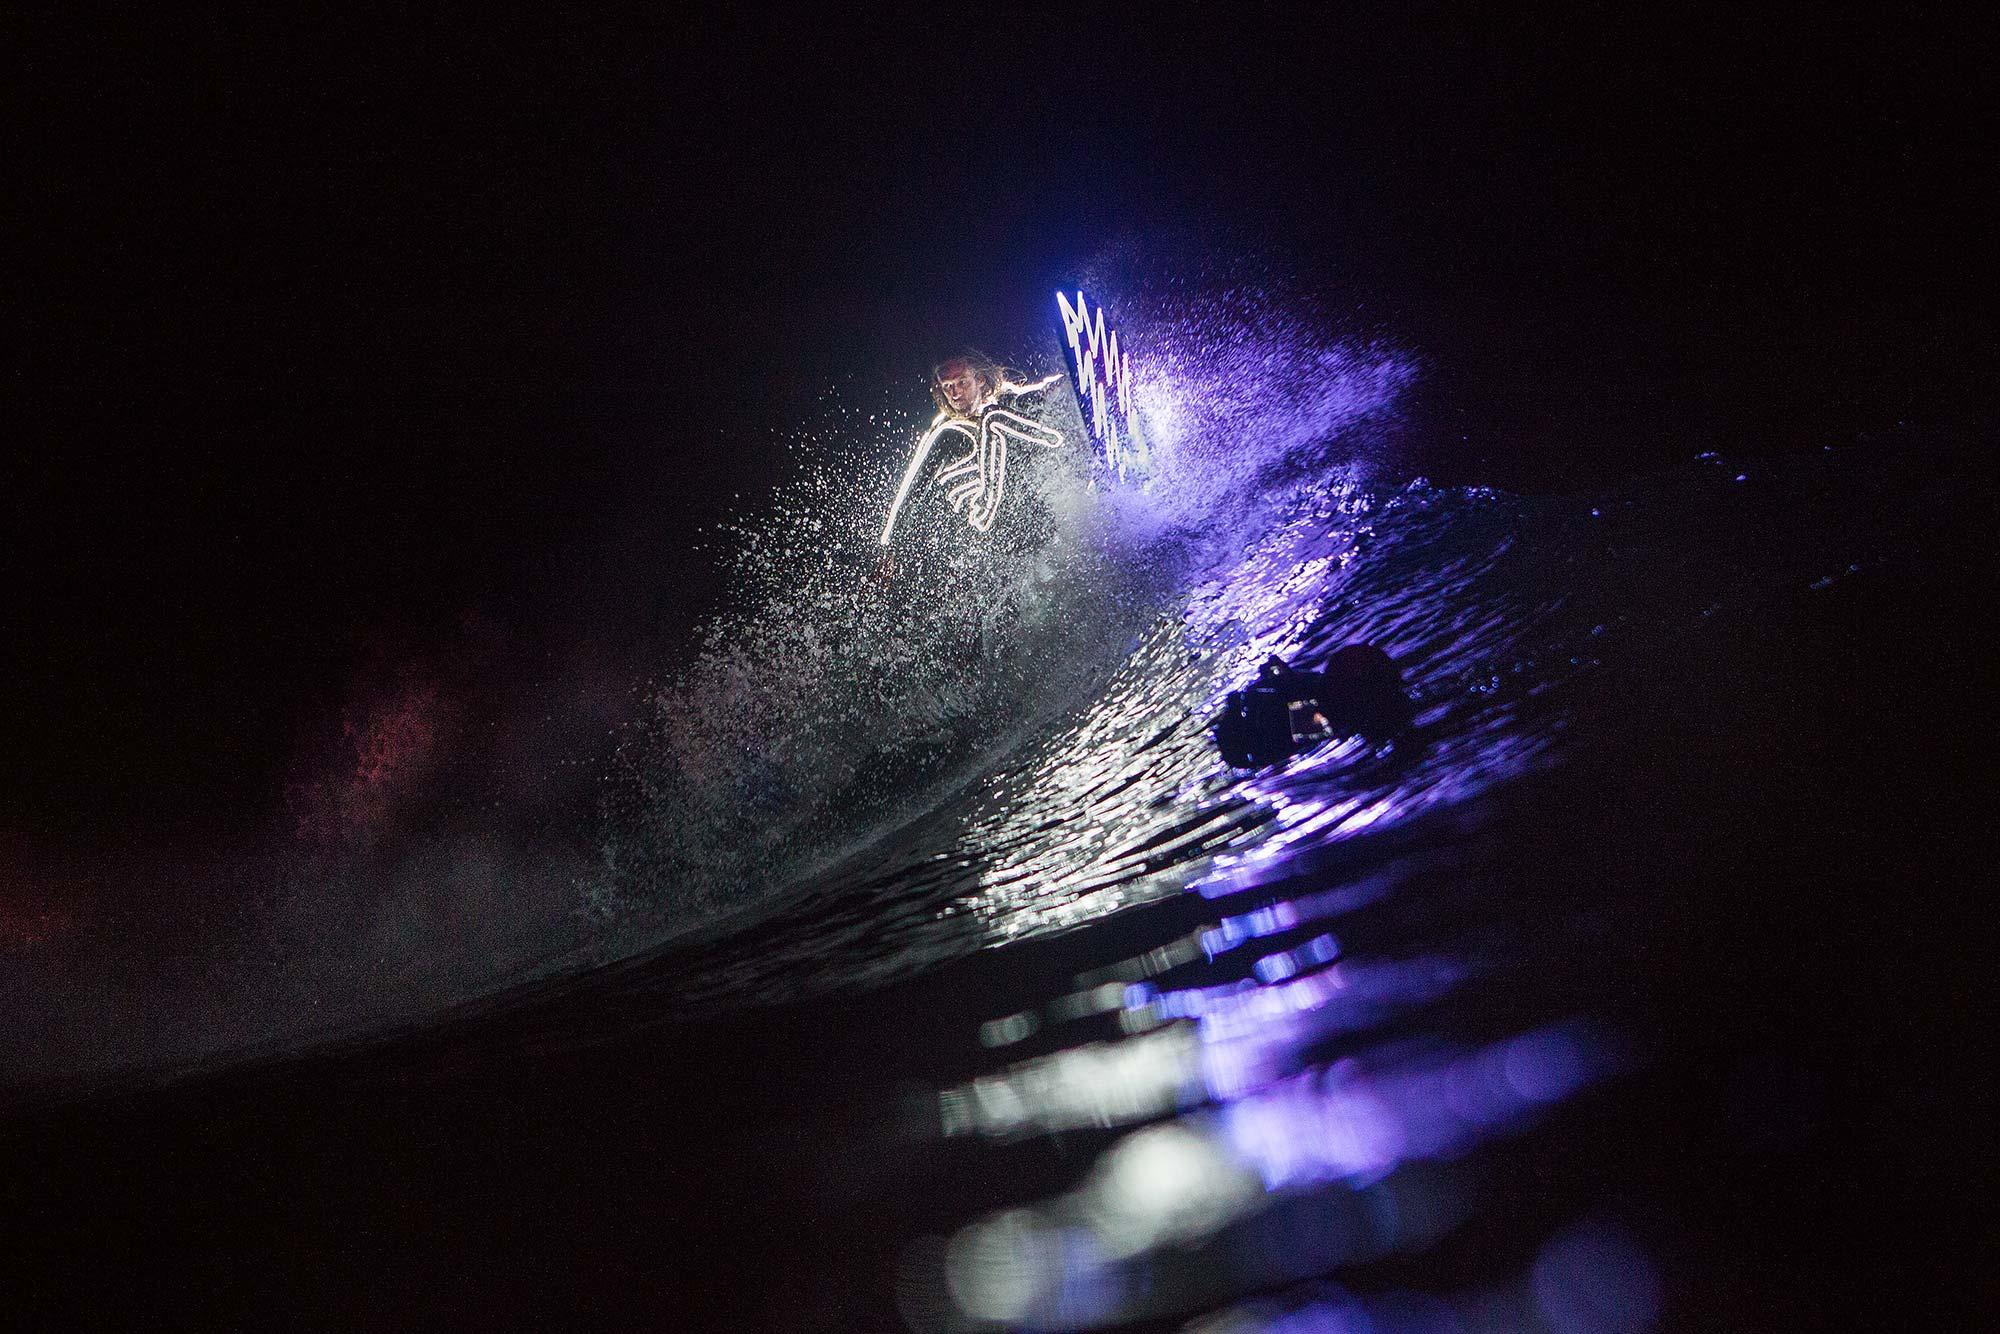 """Zusammen mit Rob Machado filmte Chris Benchetler für """"Fire on the Mountain"""" auch Surf-Szenen in Indonesien bei Nacht. - Foto: Aaron Blatt"""